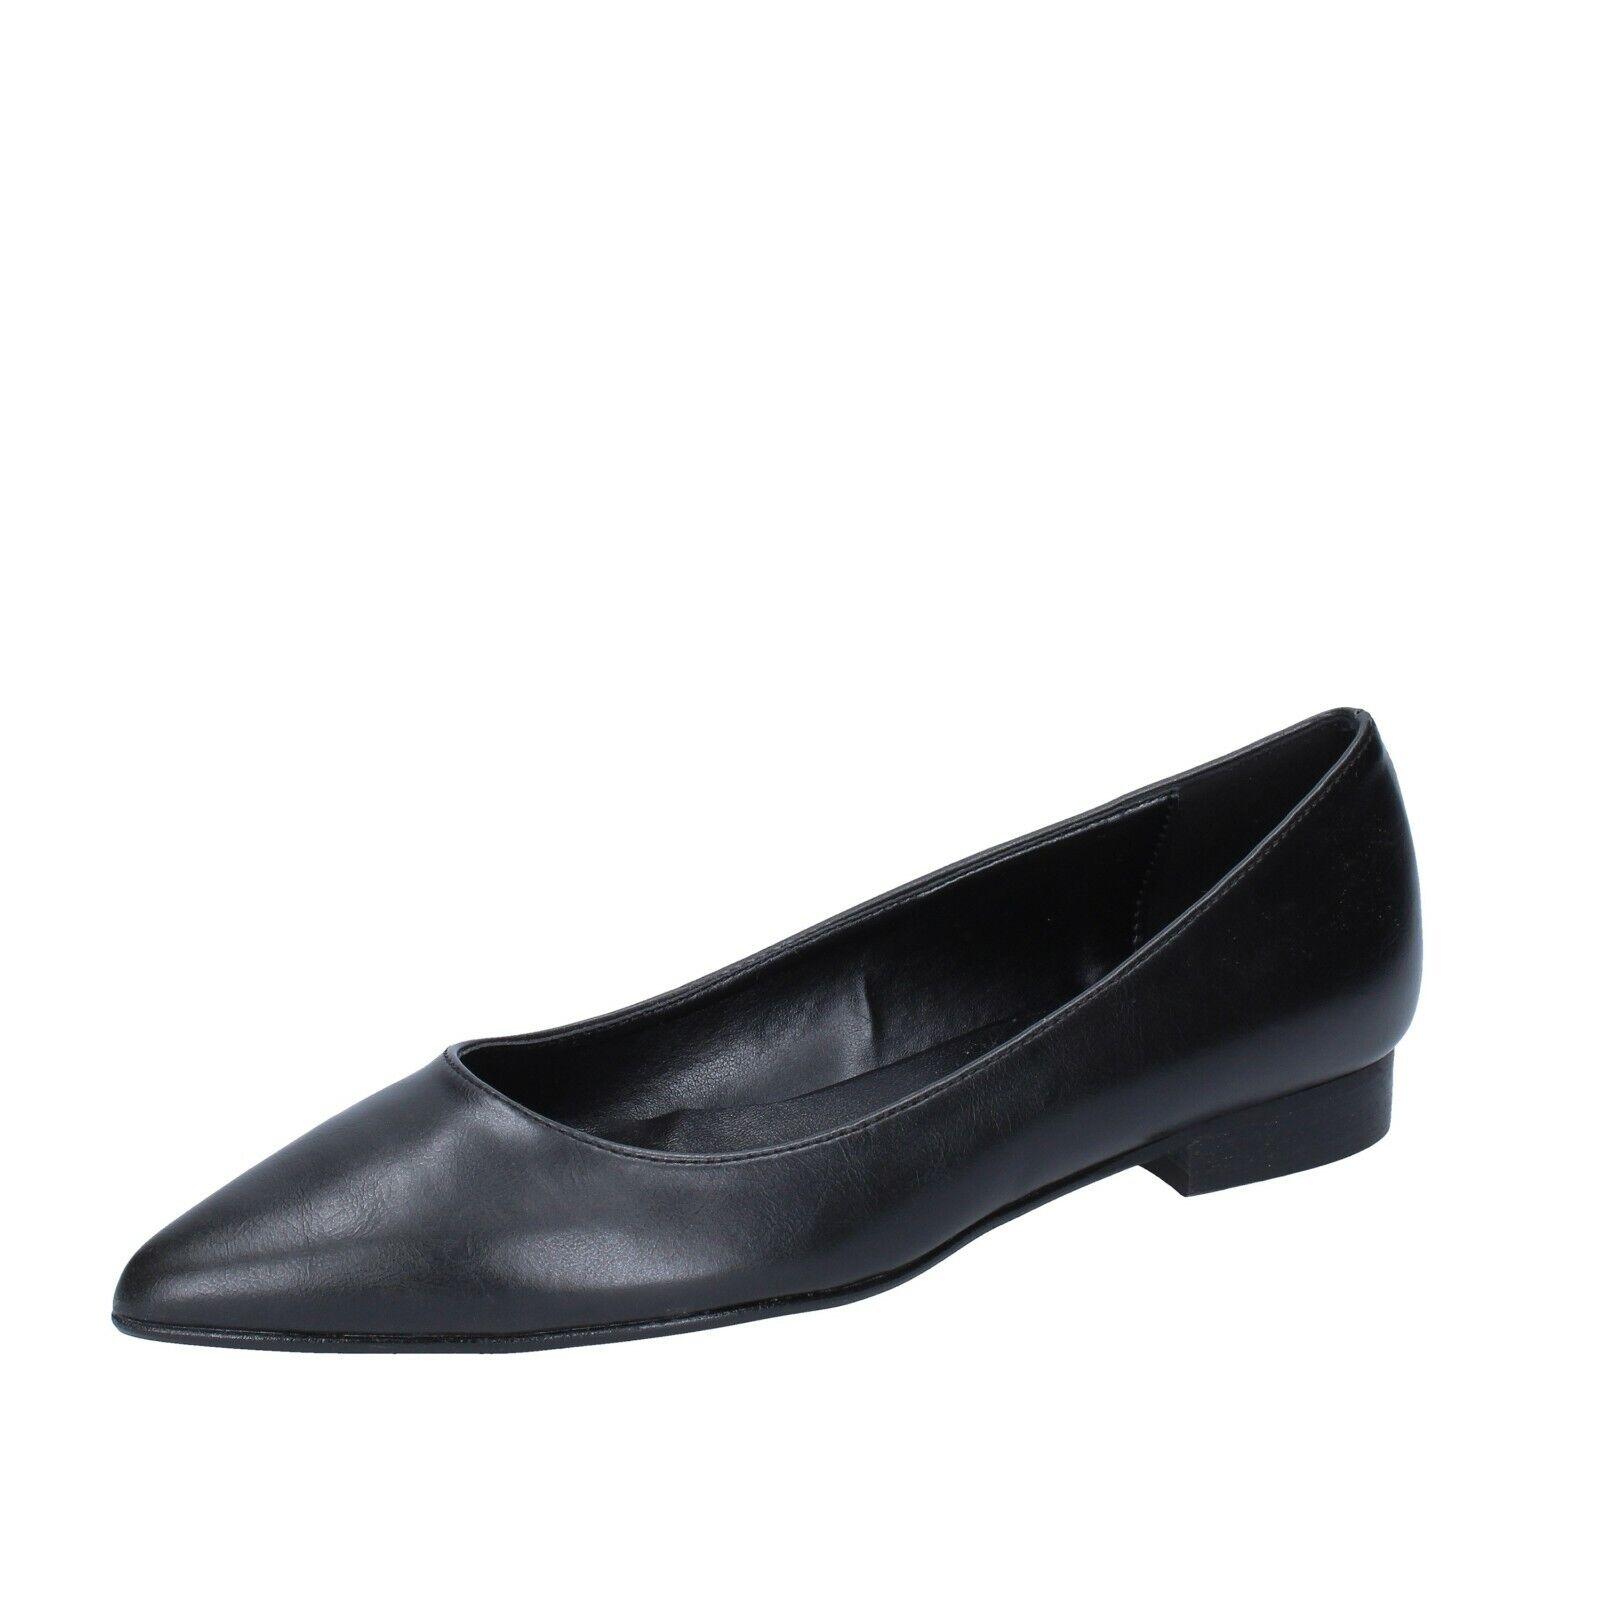 Chaussures Femmes Olga Rubini 36 UE Ballerines en cuir noir bs868-36